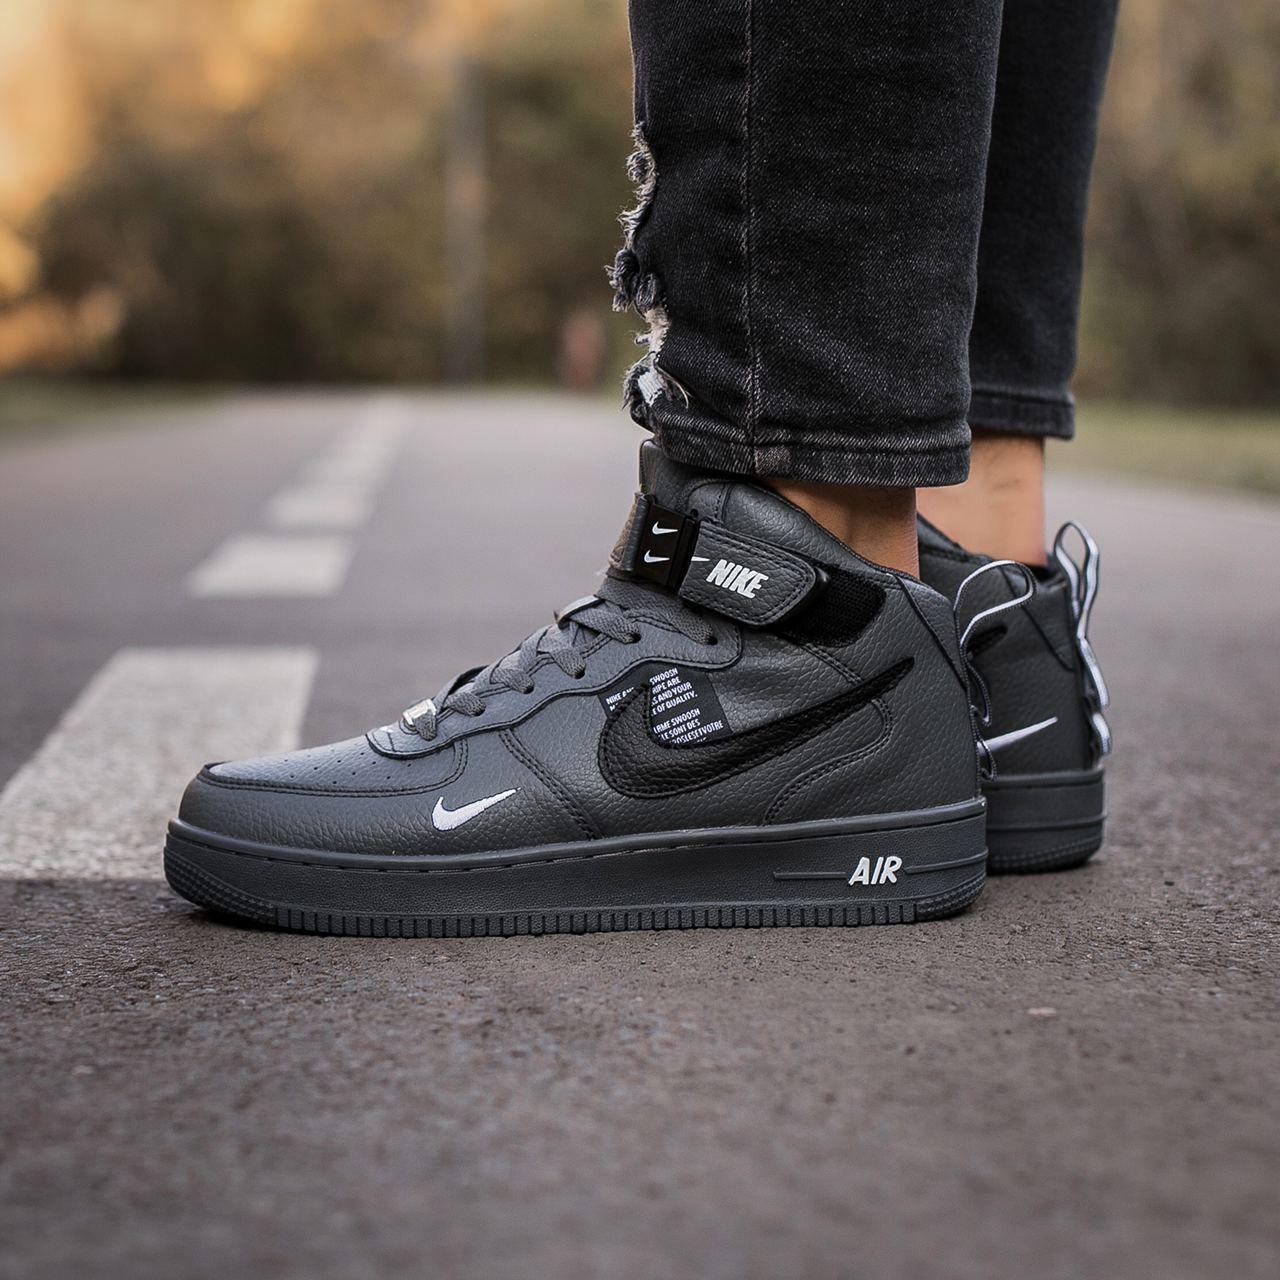 🔥 Ботинки кроссовки мужские зимние Nike Air Force серые кожаные кожа теплые на меху шерстяные меховые